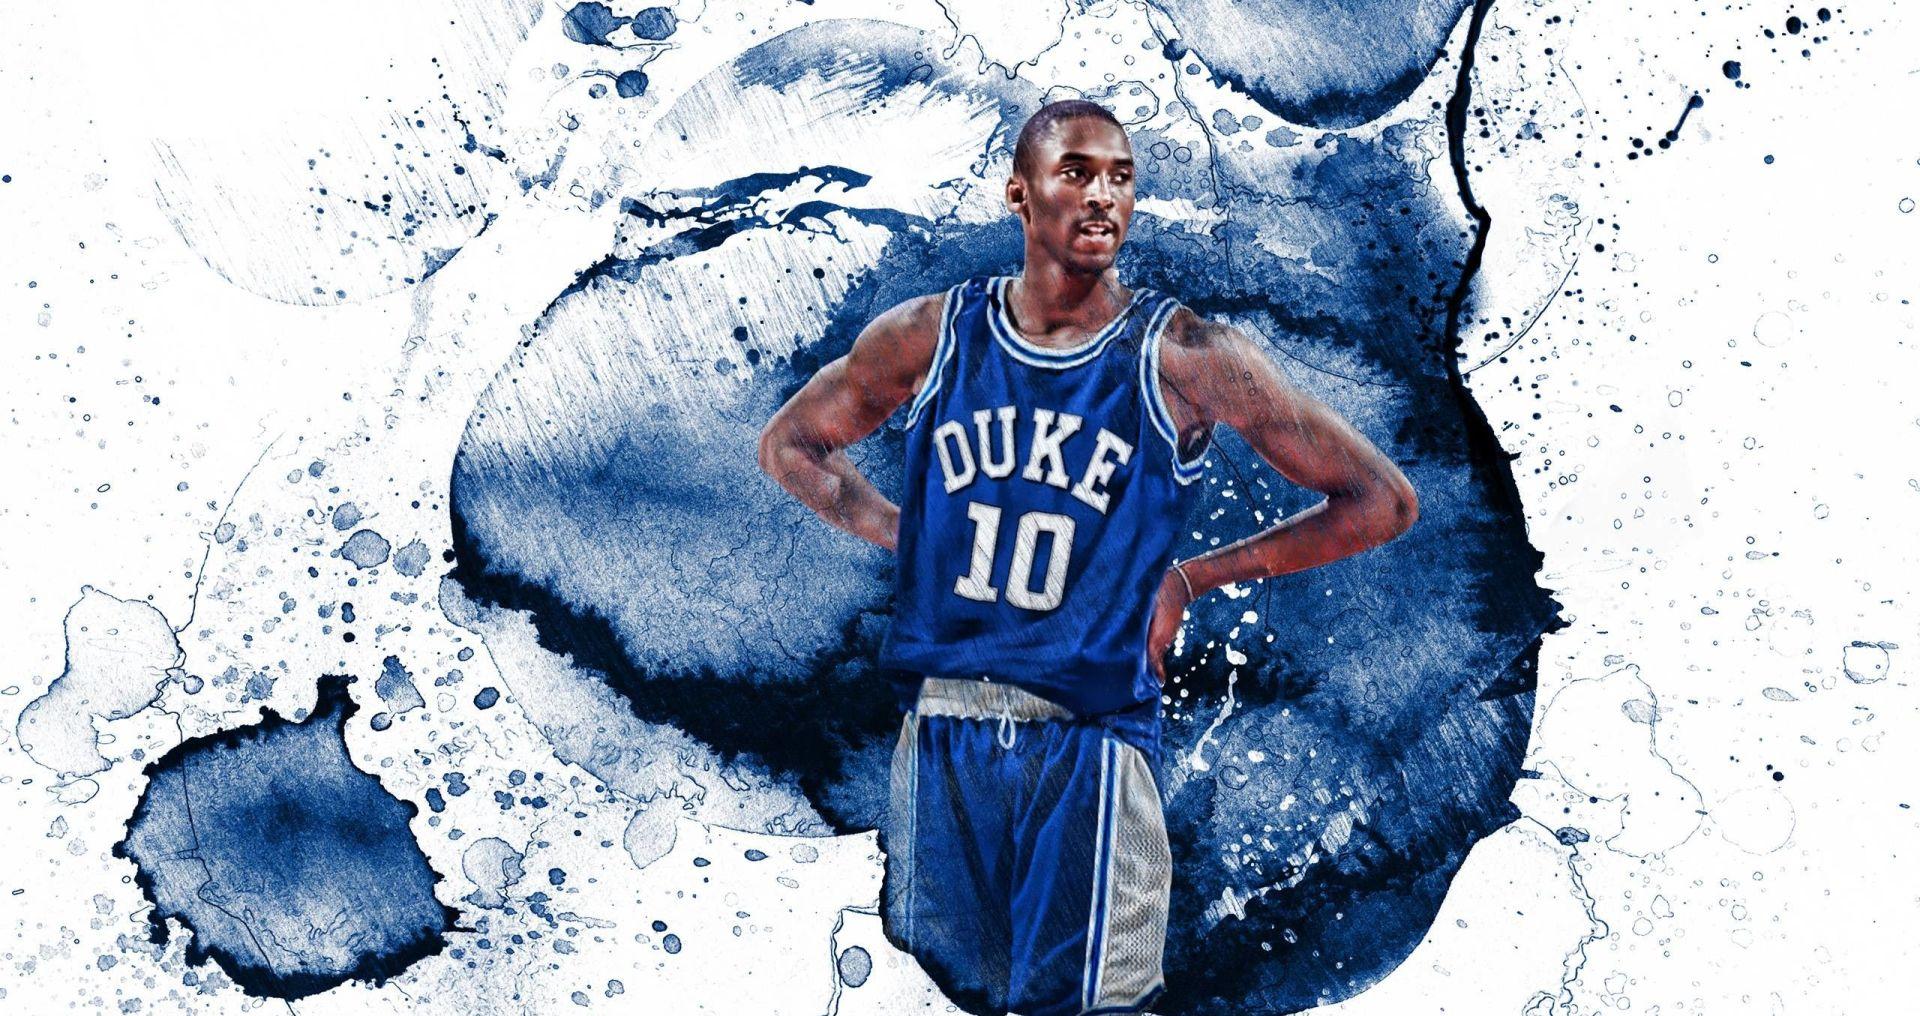 Duke Basketball Wallpaper Background For Desktop